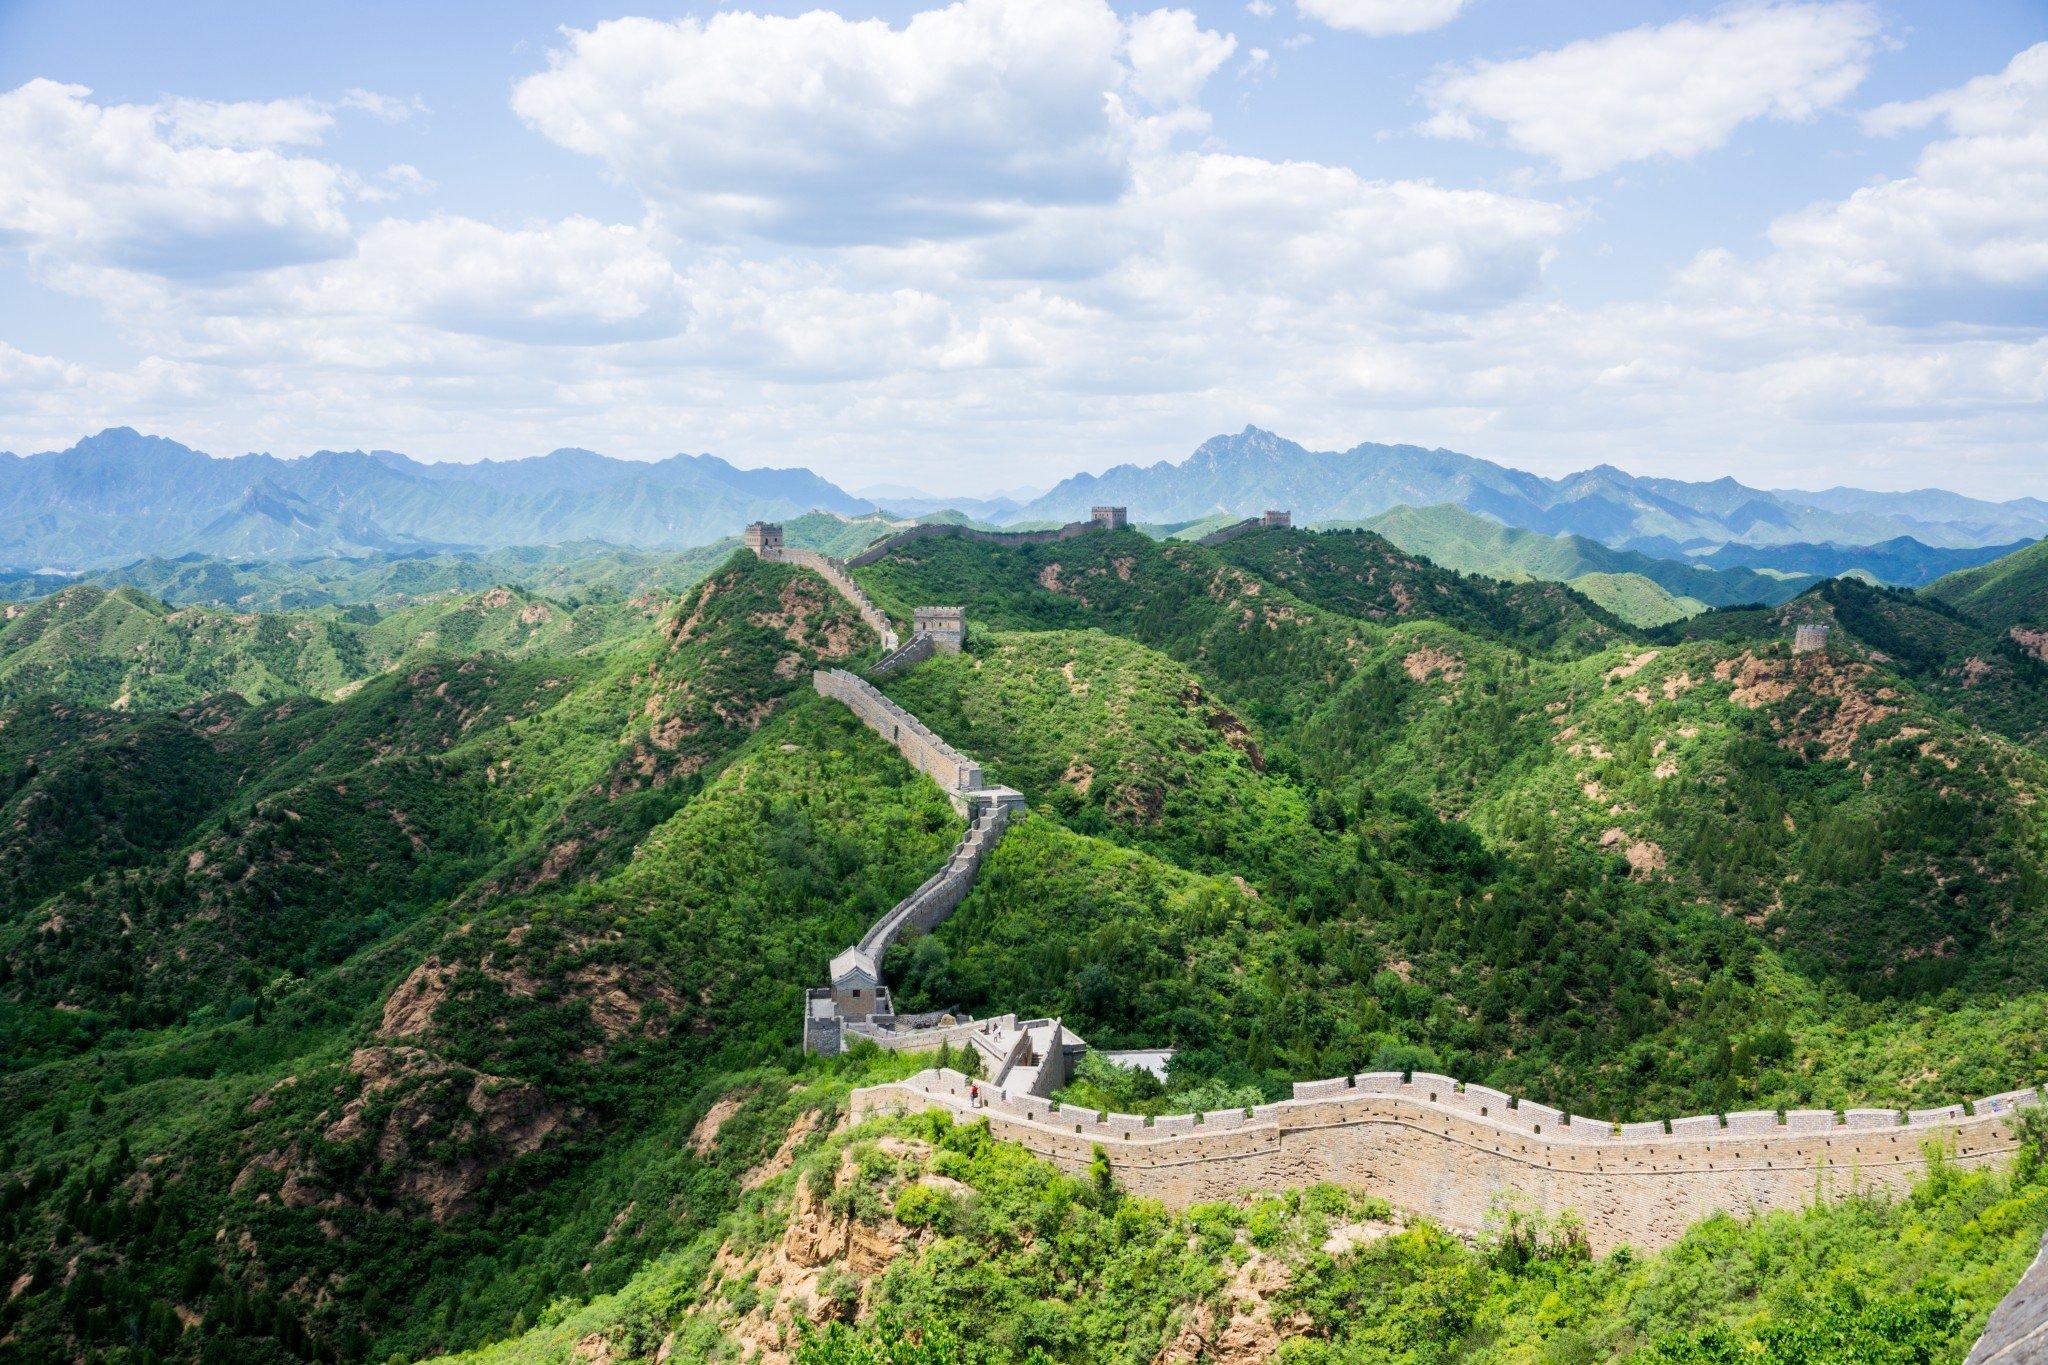 The Great Wall of China –Jinshanling